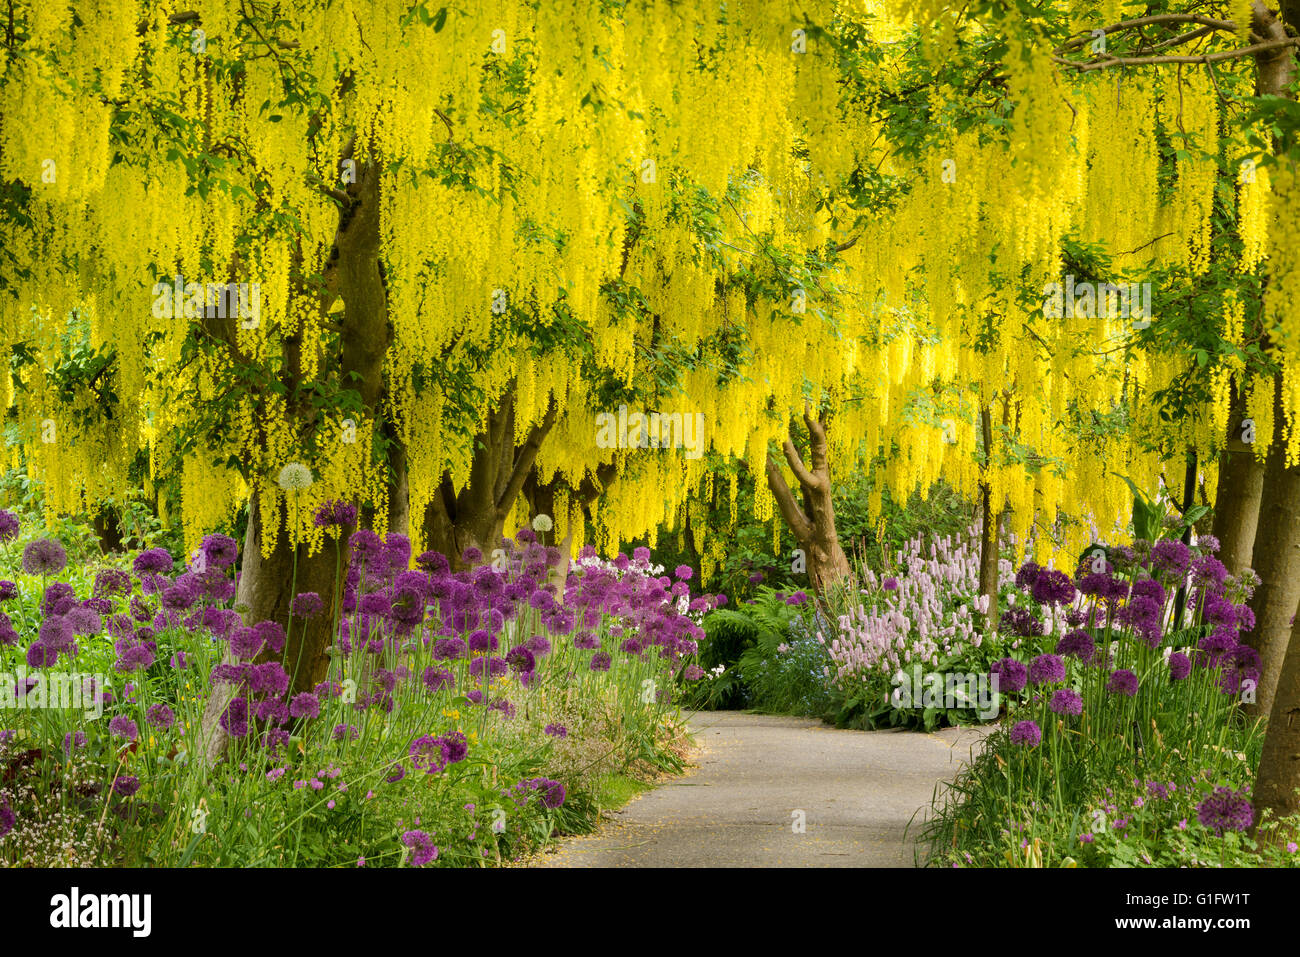 Chaîne d'Or (Laburnum) et arbres en fleurs à allium purple VanDusen Botanical Garden, Vancouver, Colombie Photo Stock